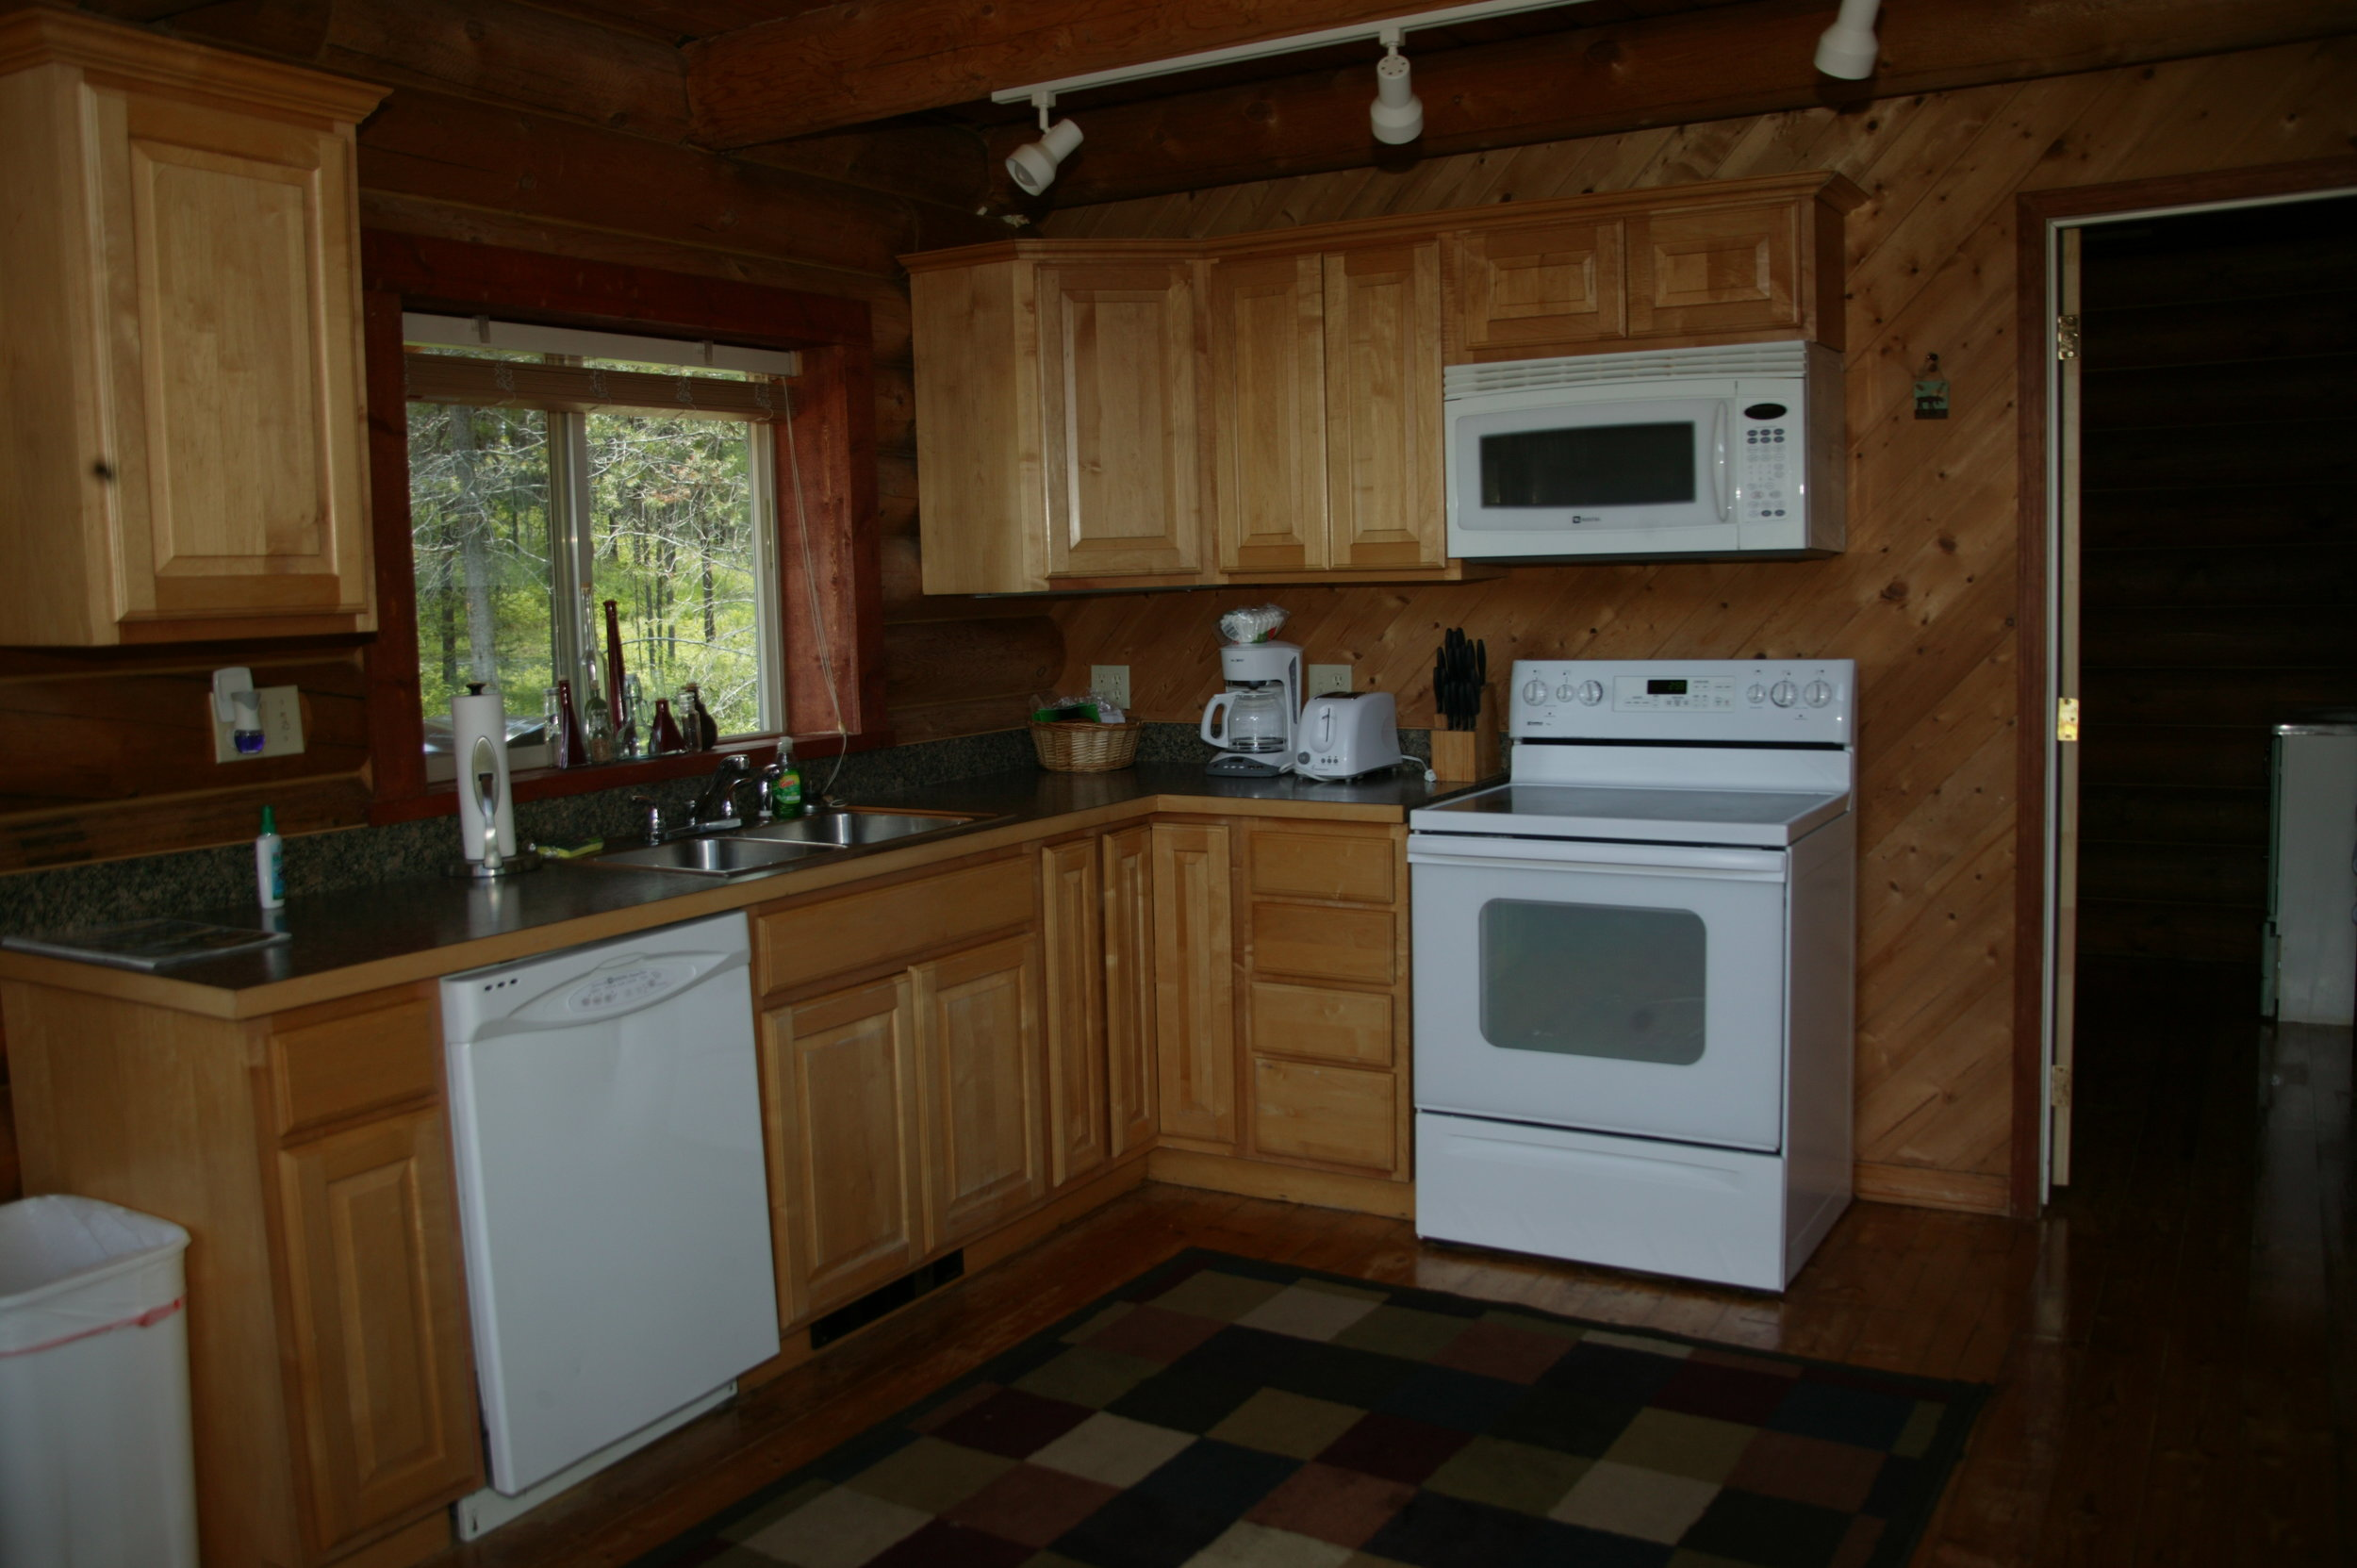 Kitchen in The Wolf Den Cabin